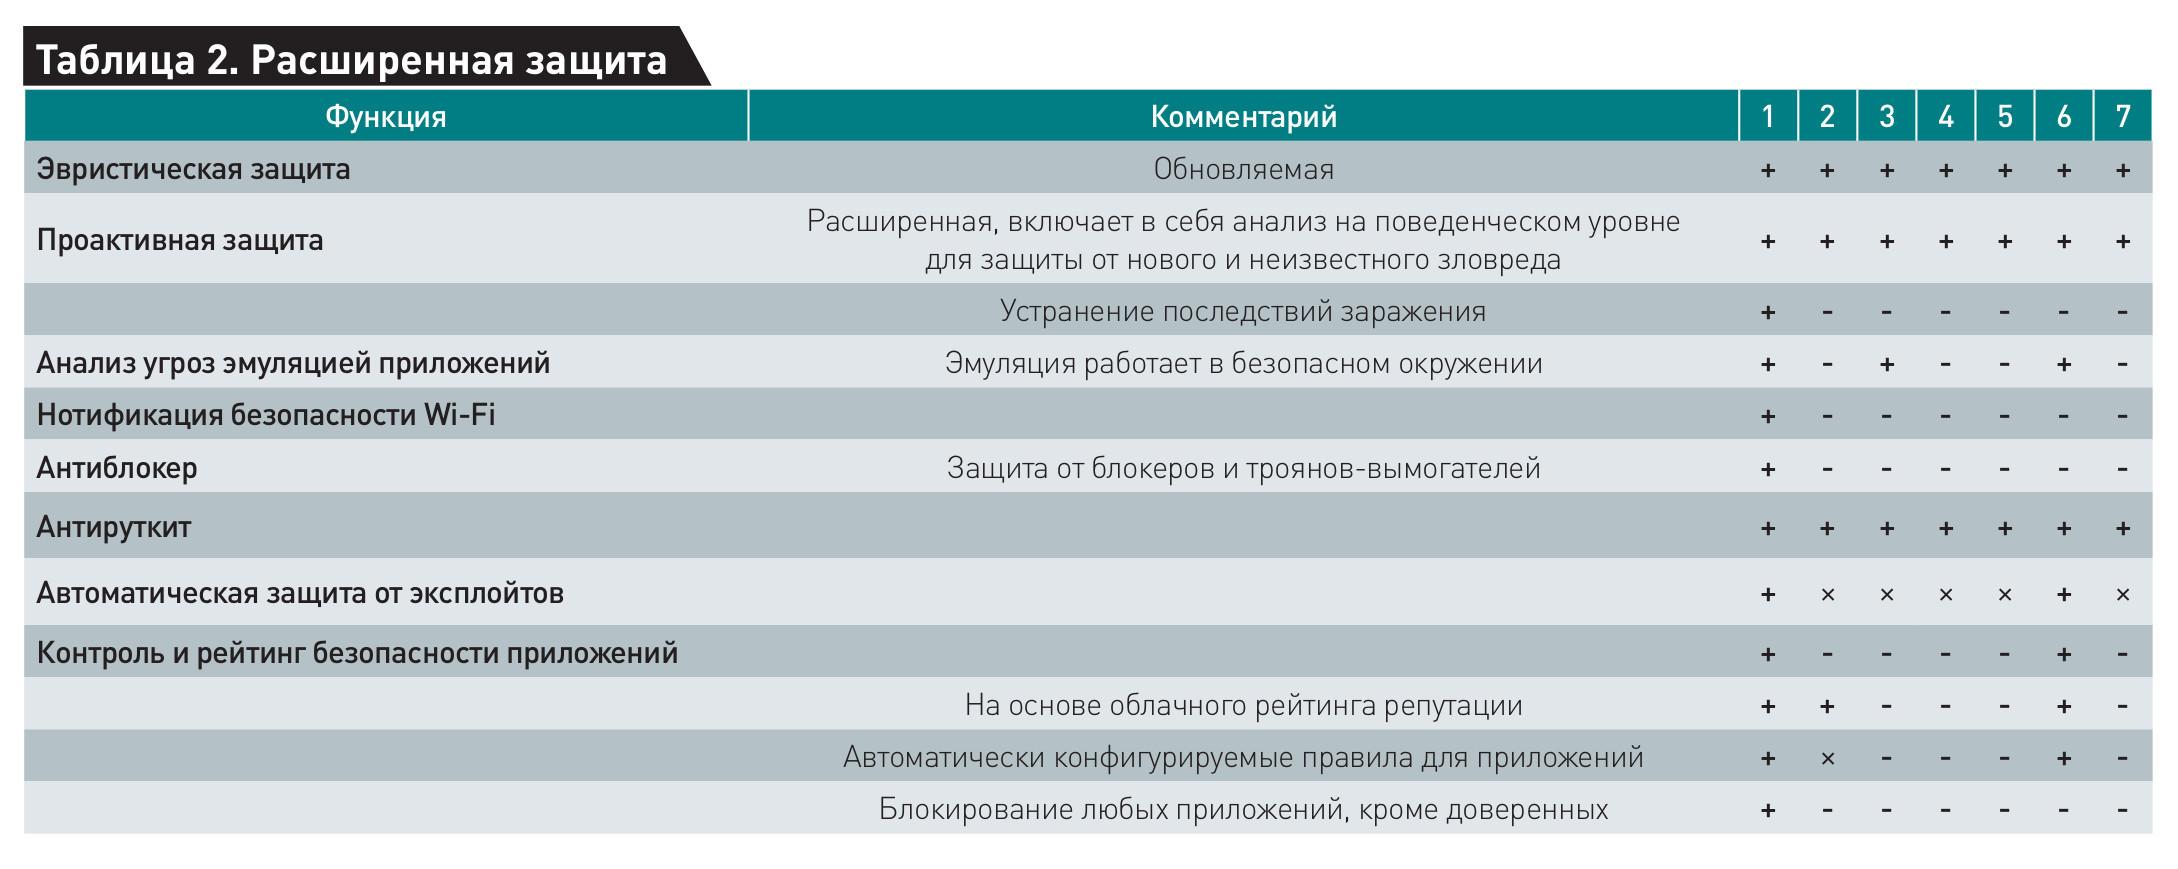 классы антивирусов